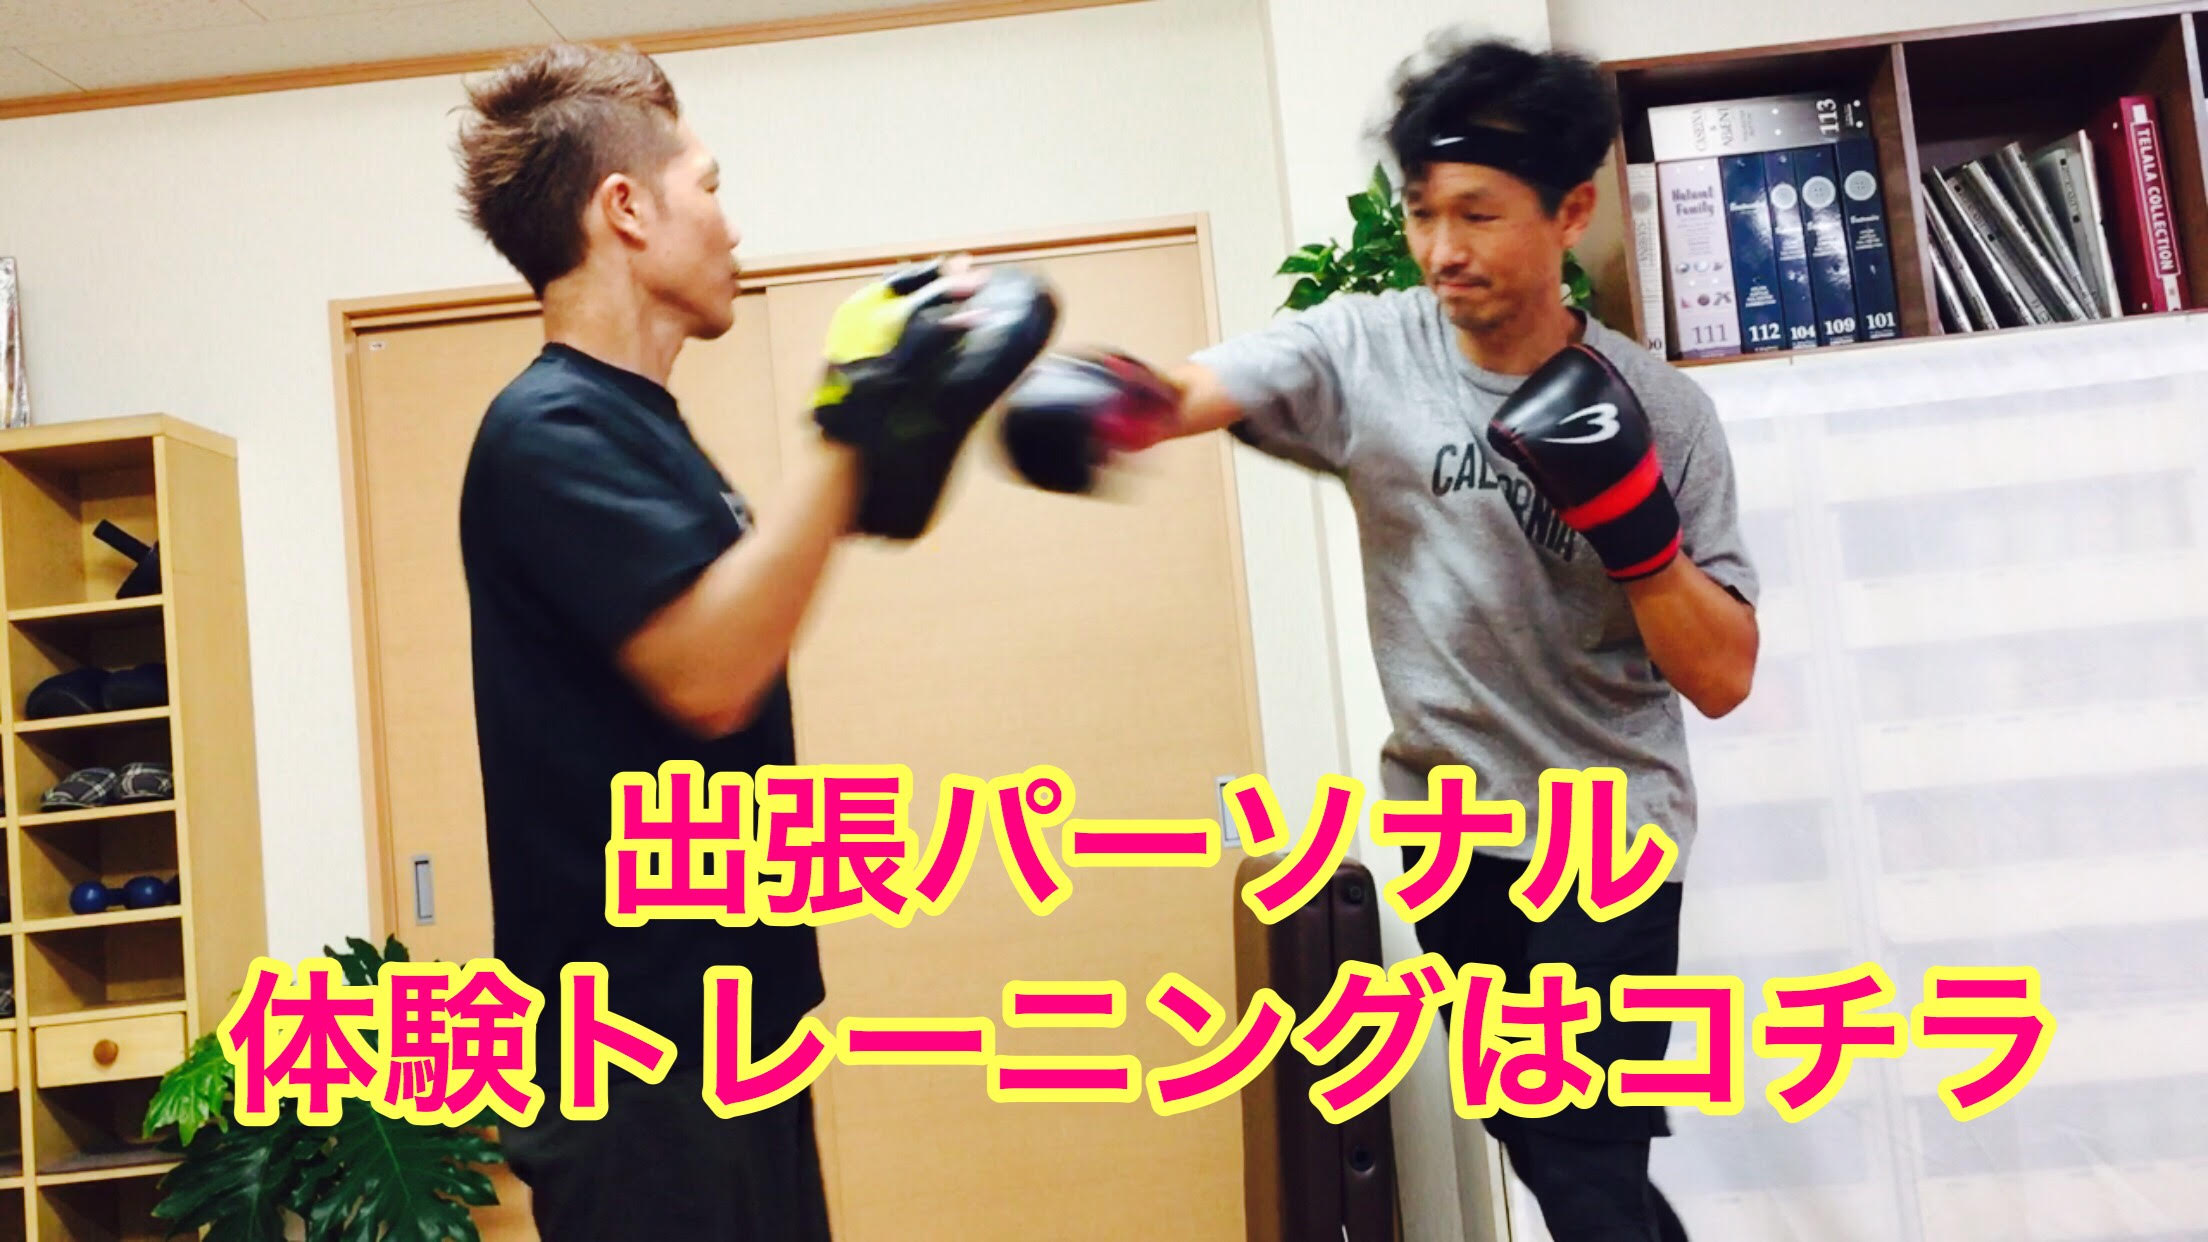 【体験募集中】出張パーソナルトレーニング!